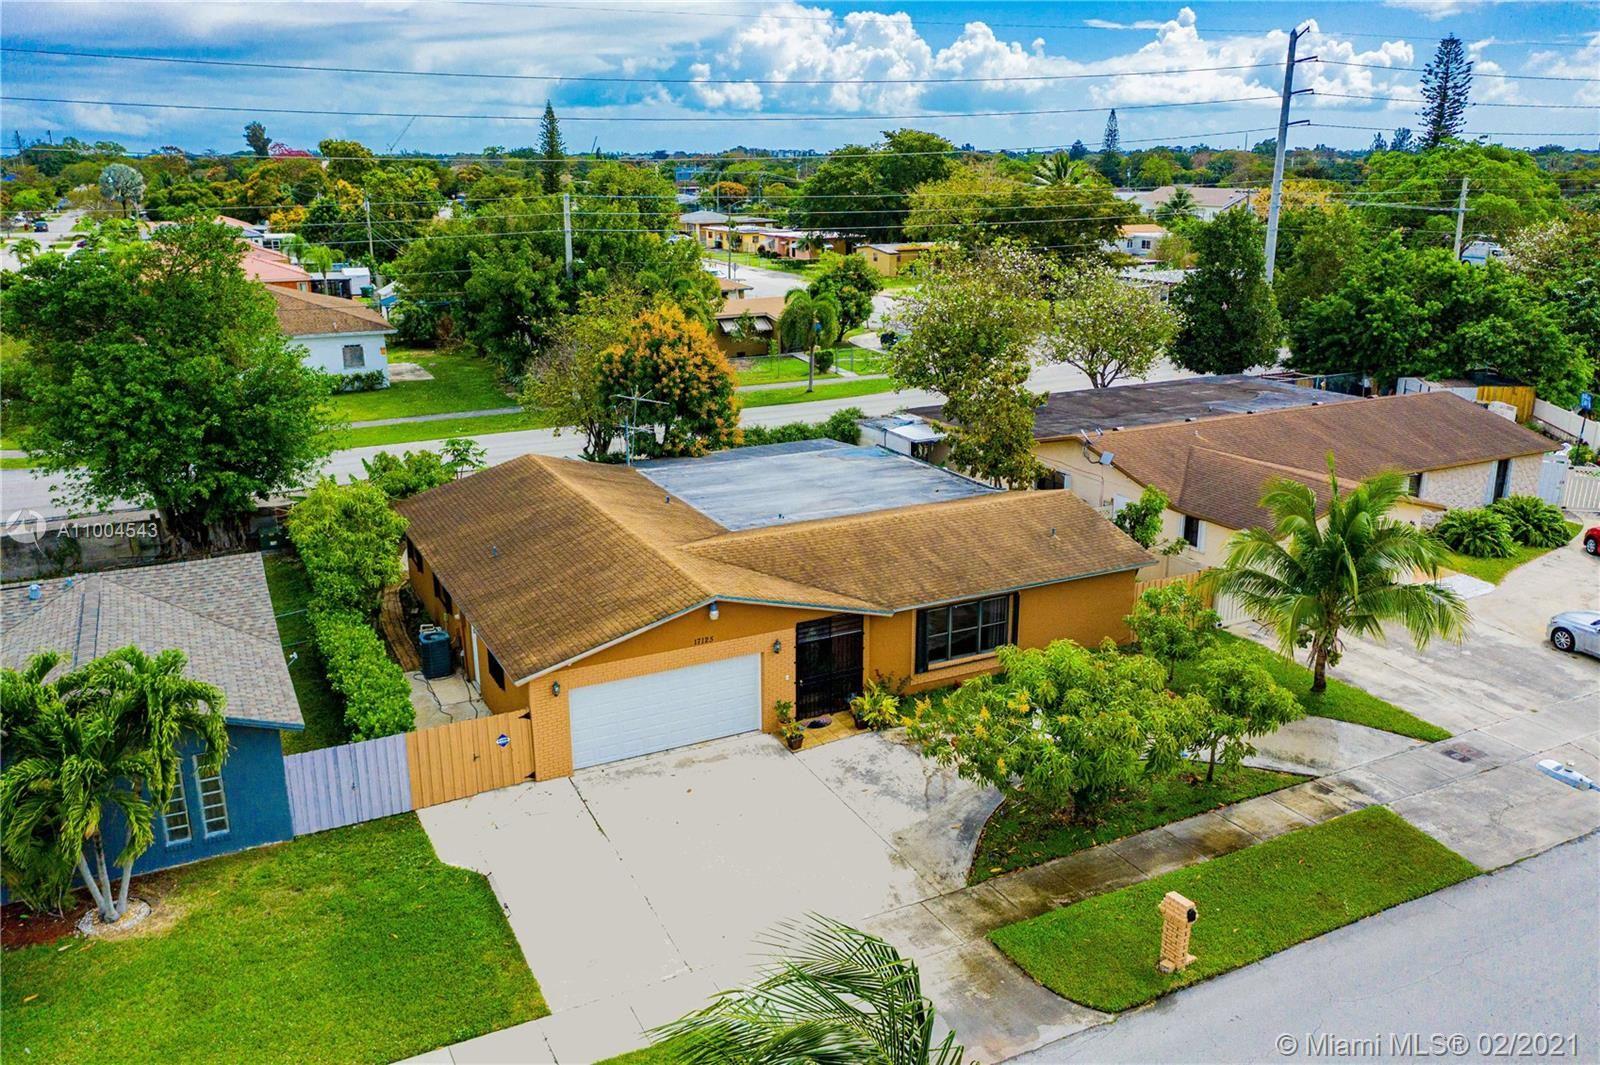 17125 SW 107th Ct, Miami, FL 33157 - #: A11004543